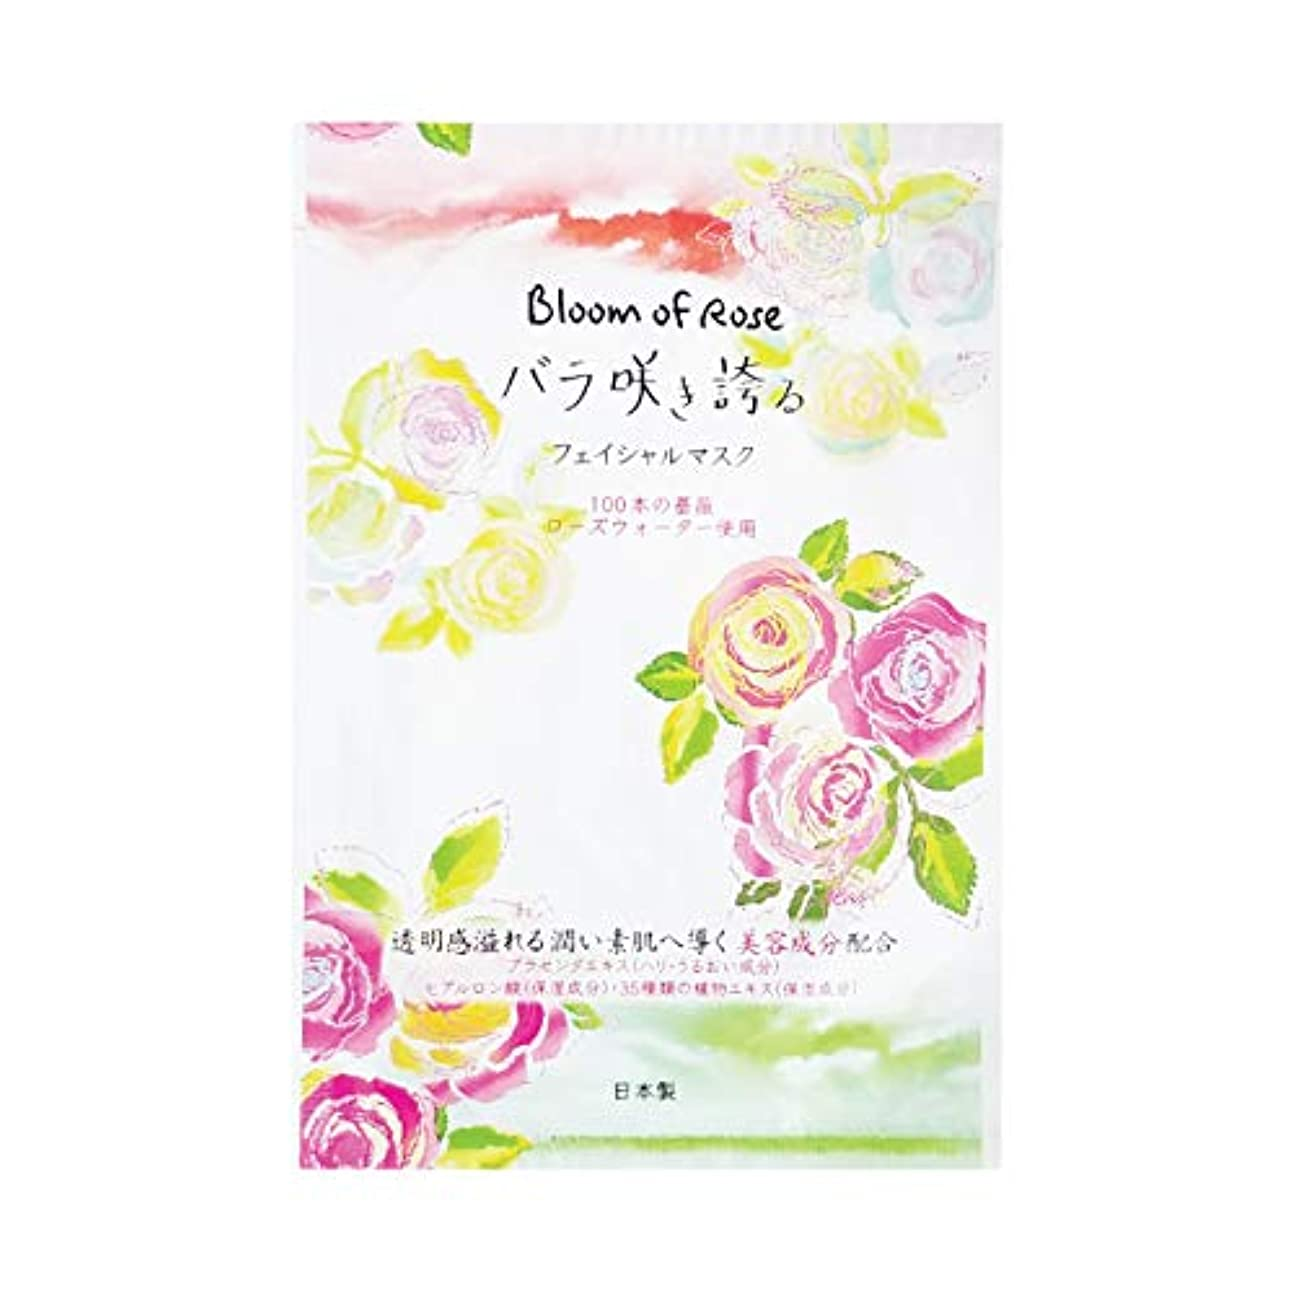 覚醒読み書きのできない手足Bloom of Rose バラ咲き誇るフェイシャルマスク 30枚